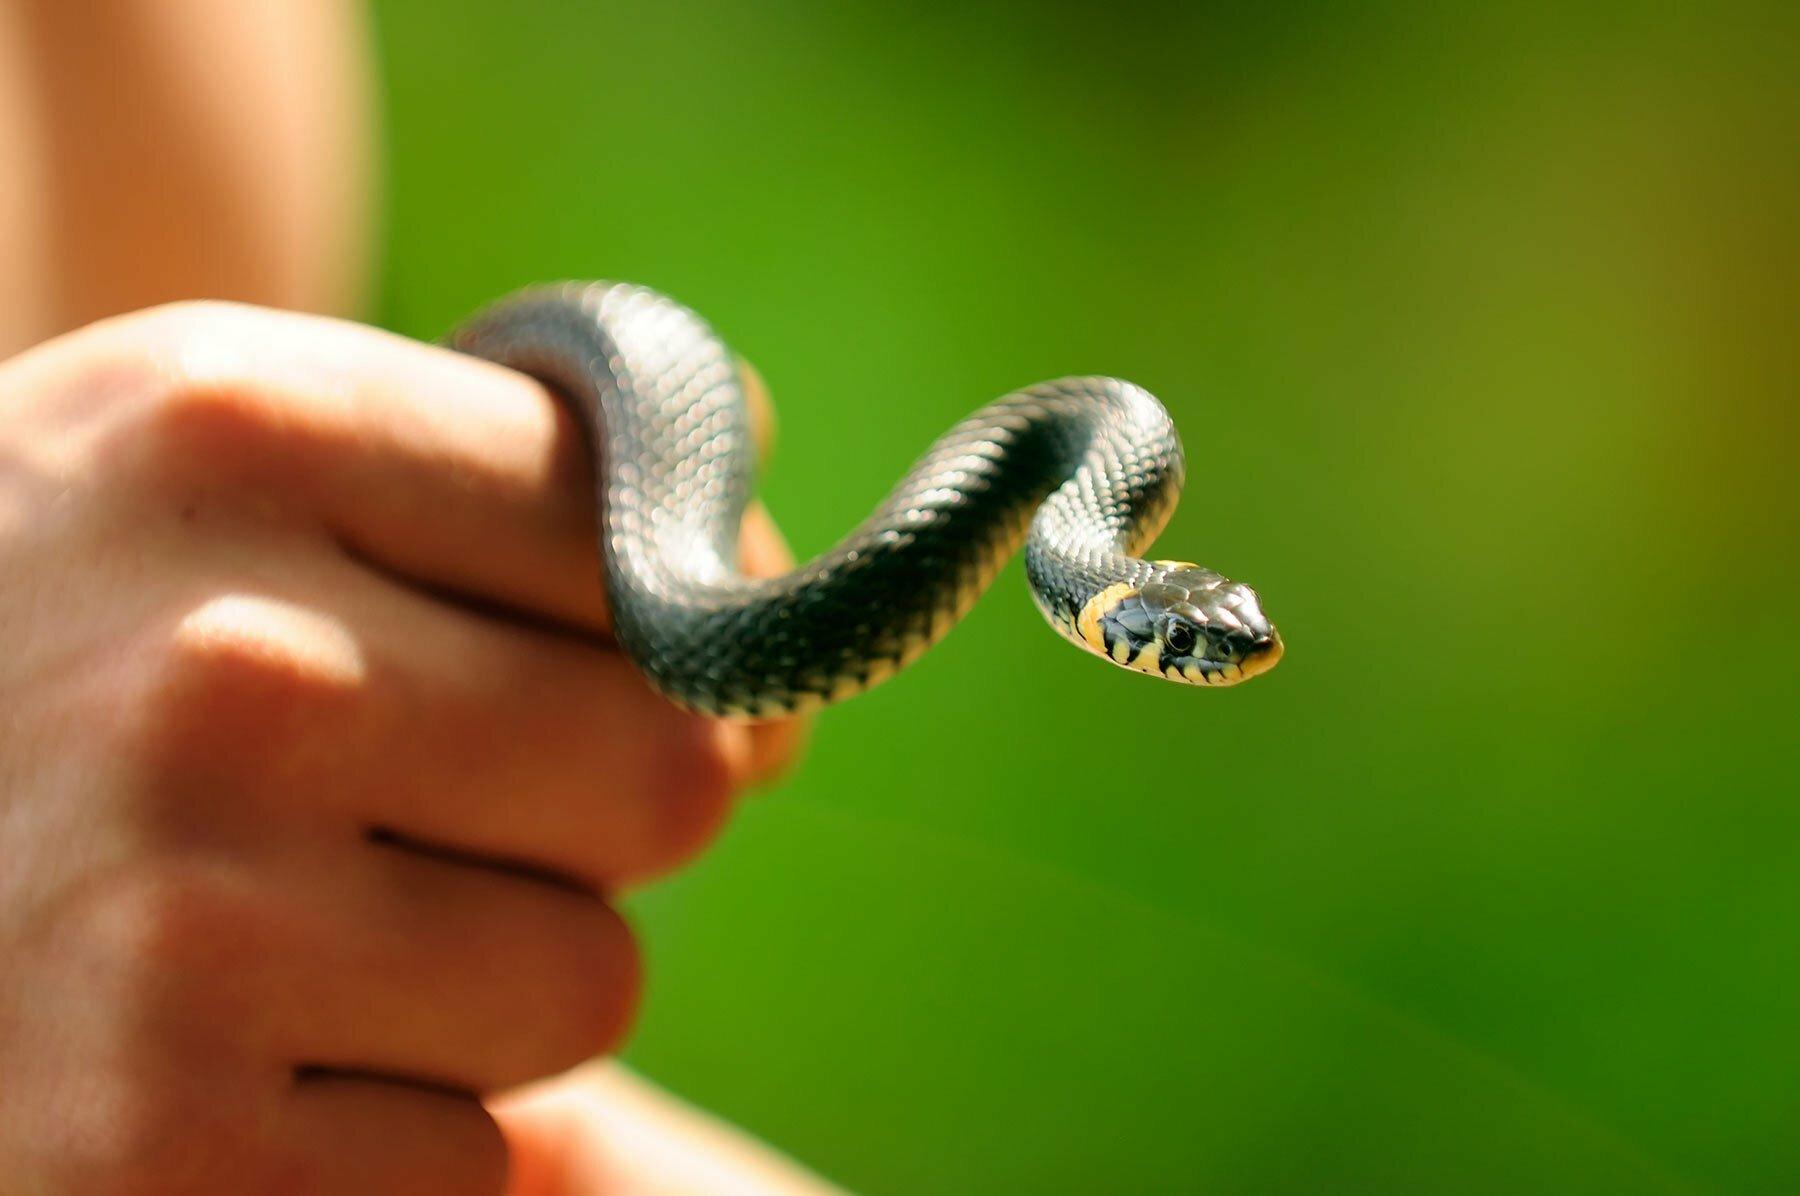 Πως διώχνουμε τα φίδια